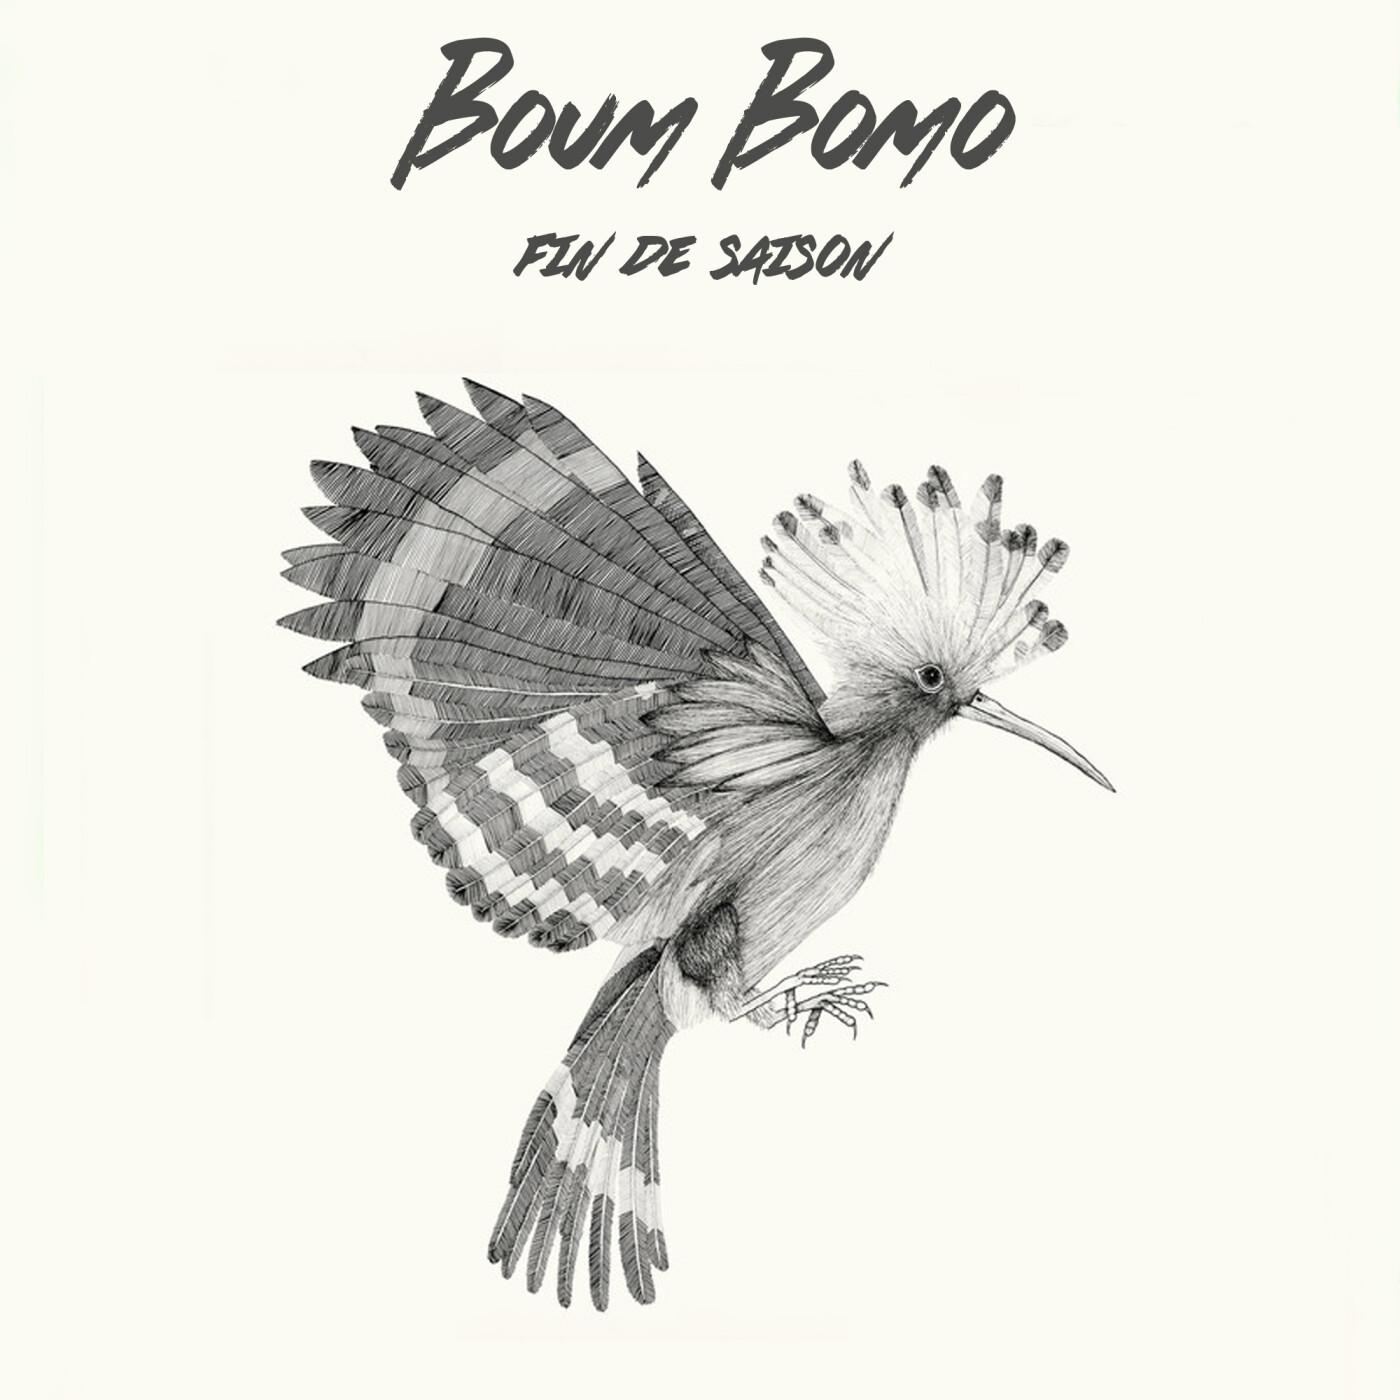 Boum Bomo #209 - Fin de saison